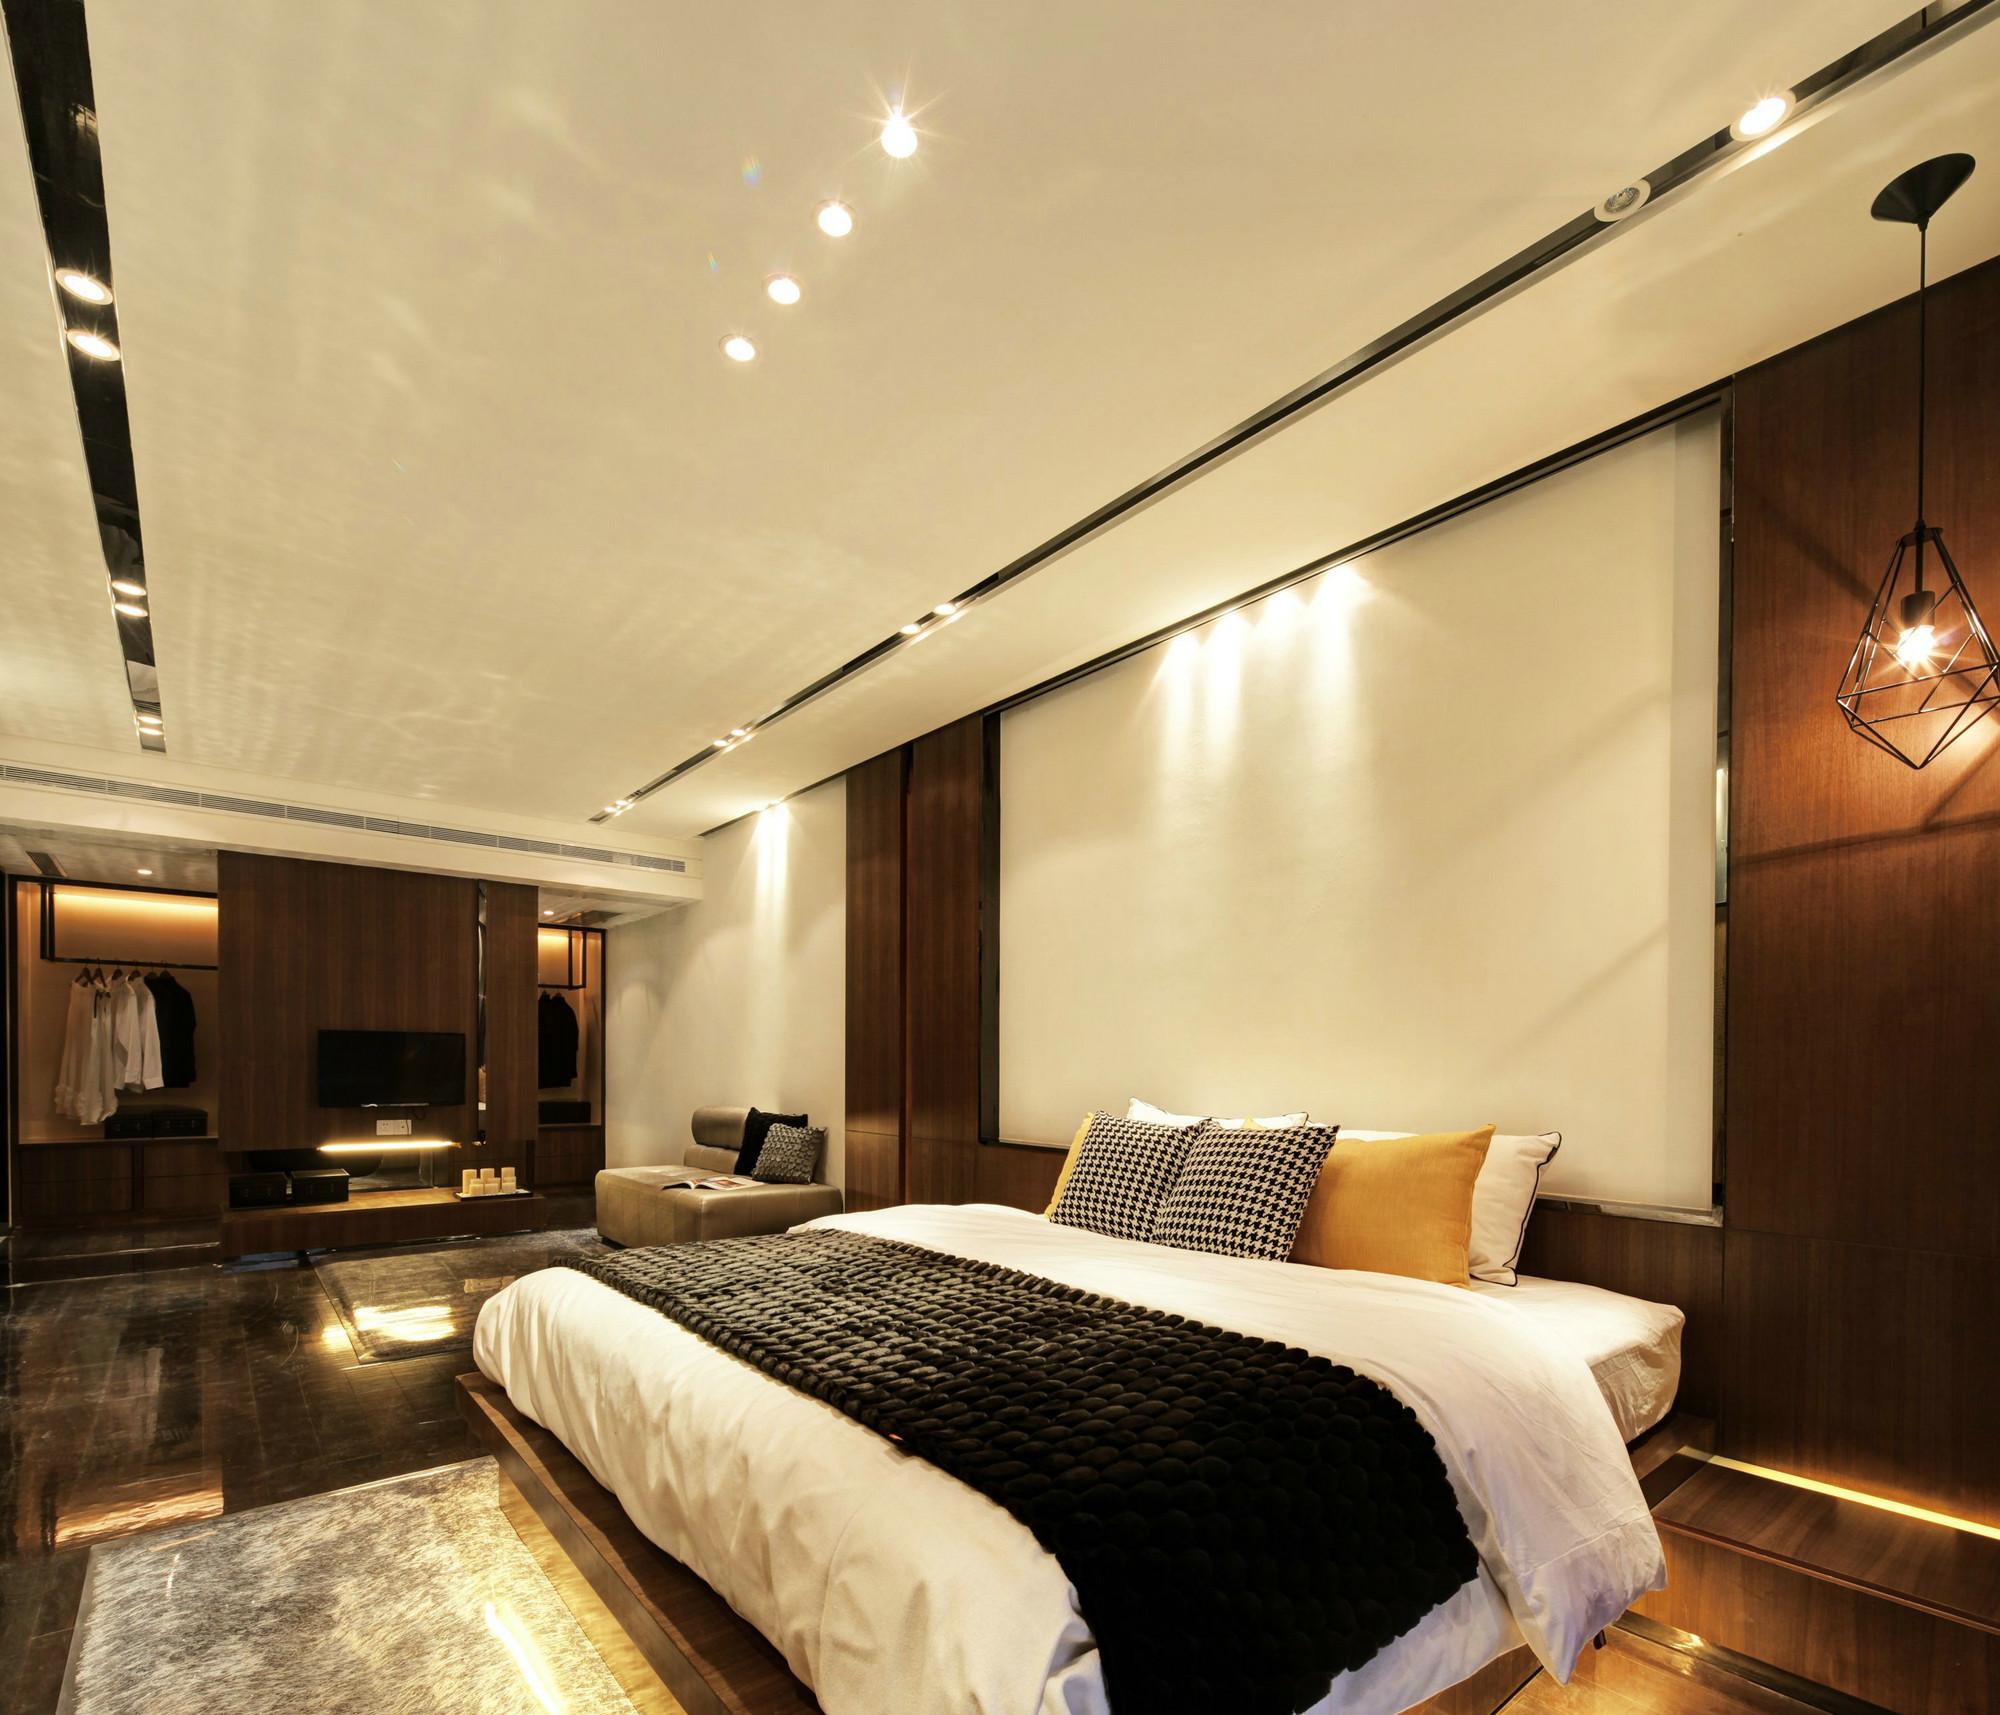 主卧,放置衣柜,白色的墙面上挂上不同精致小灯,色彩营造干净整洁的视觉效果。